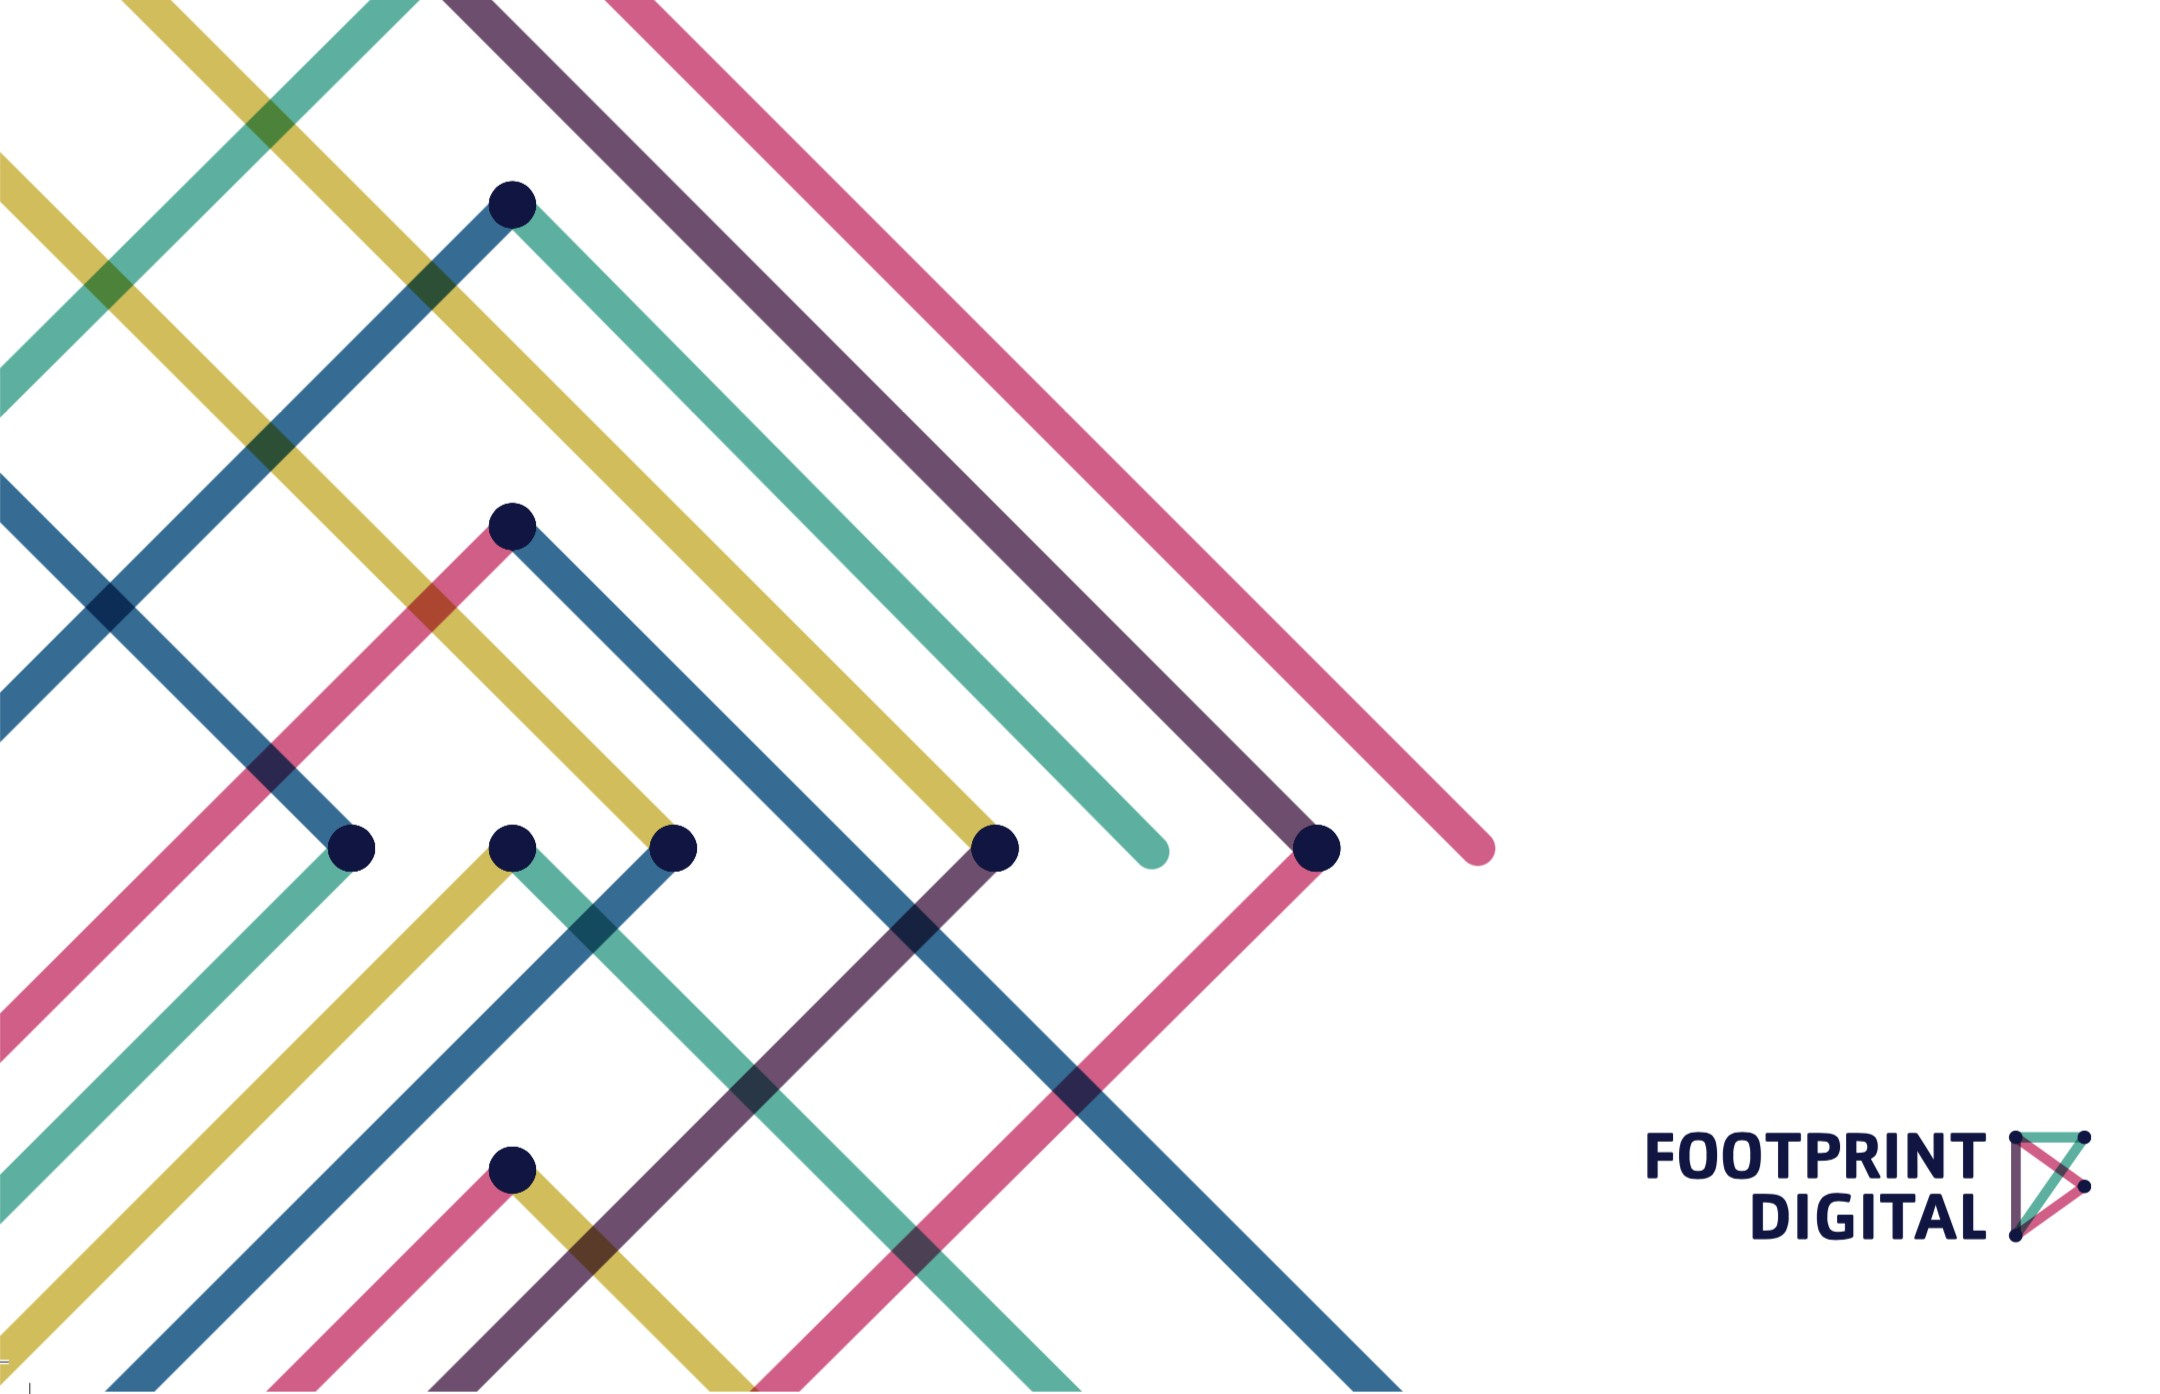 Footprint Digital Ltd   LinkedIn